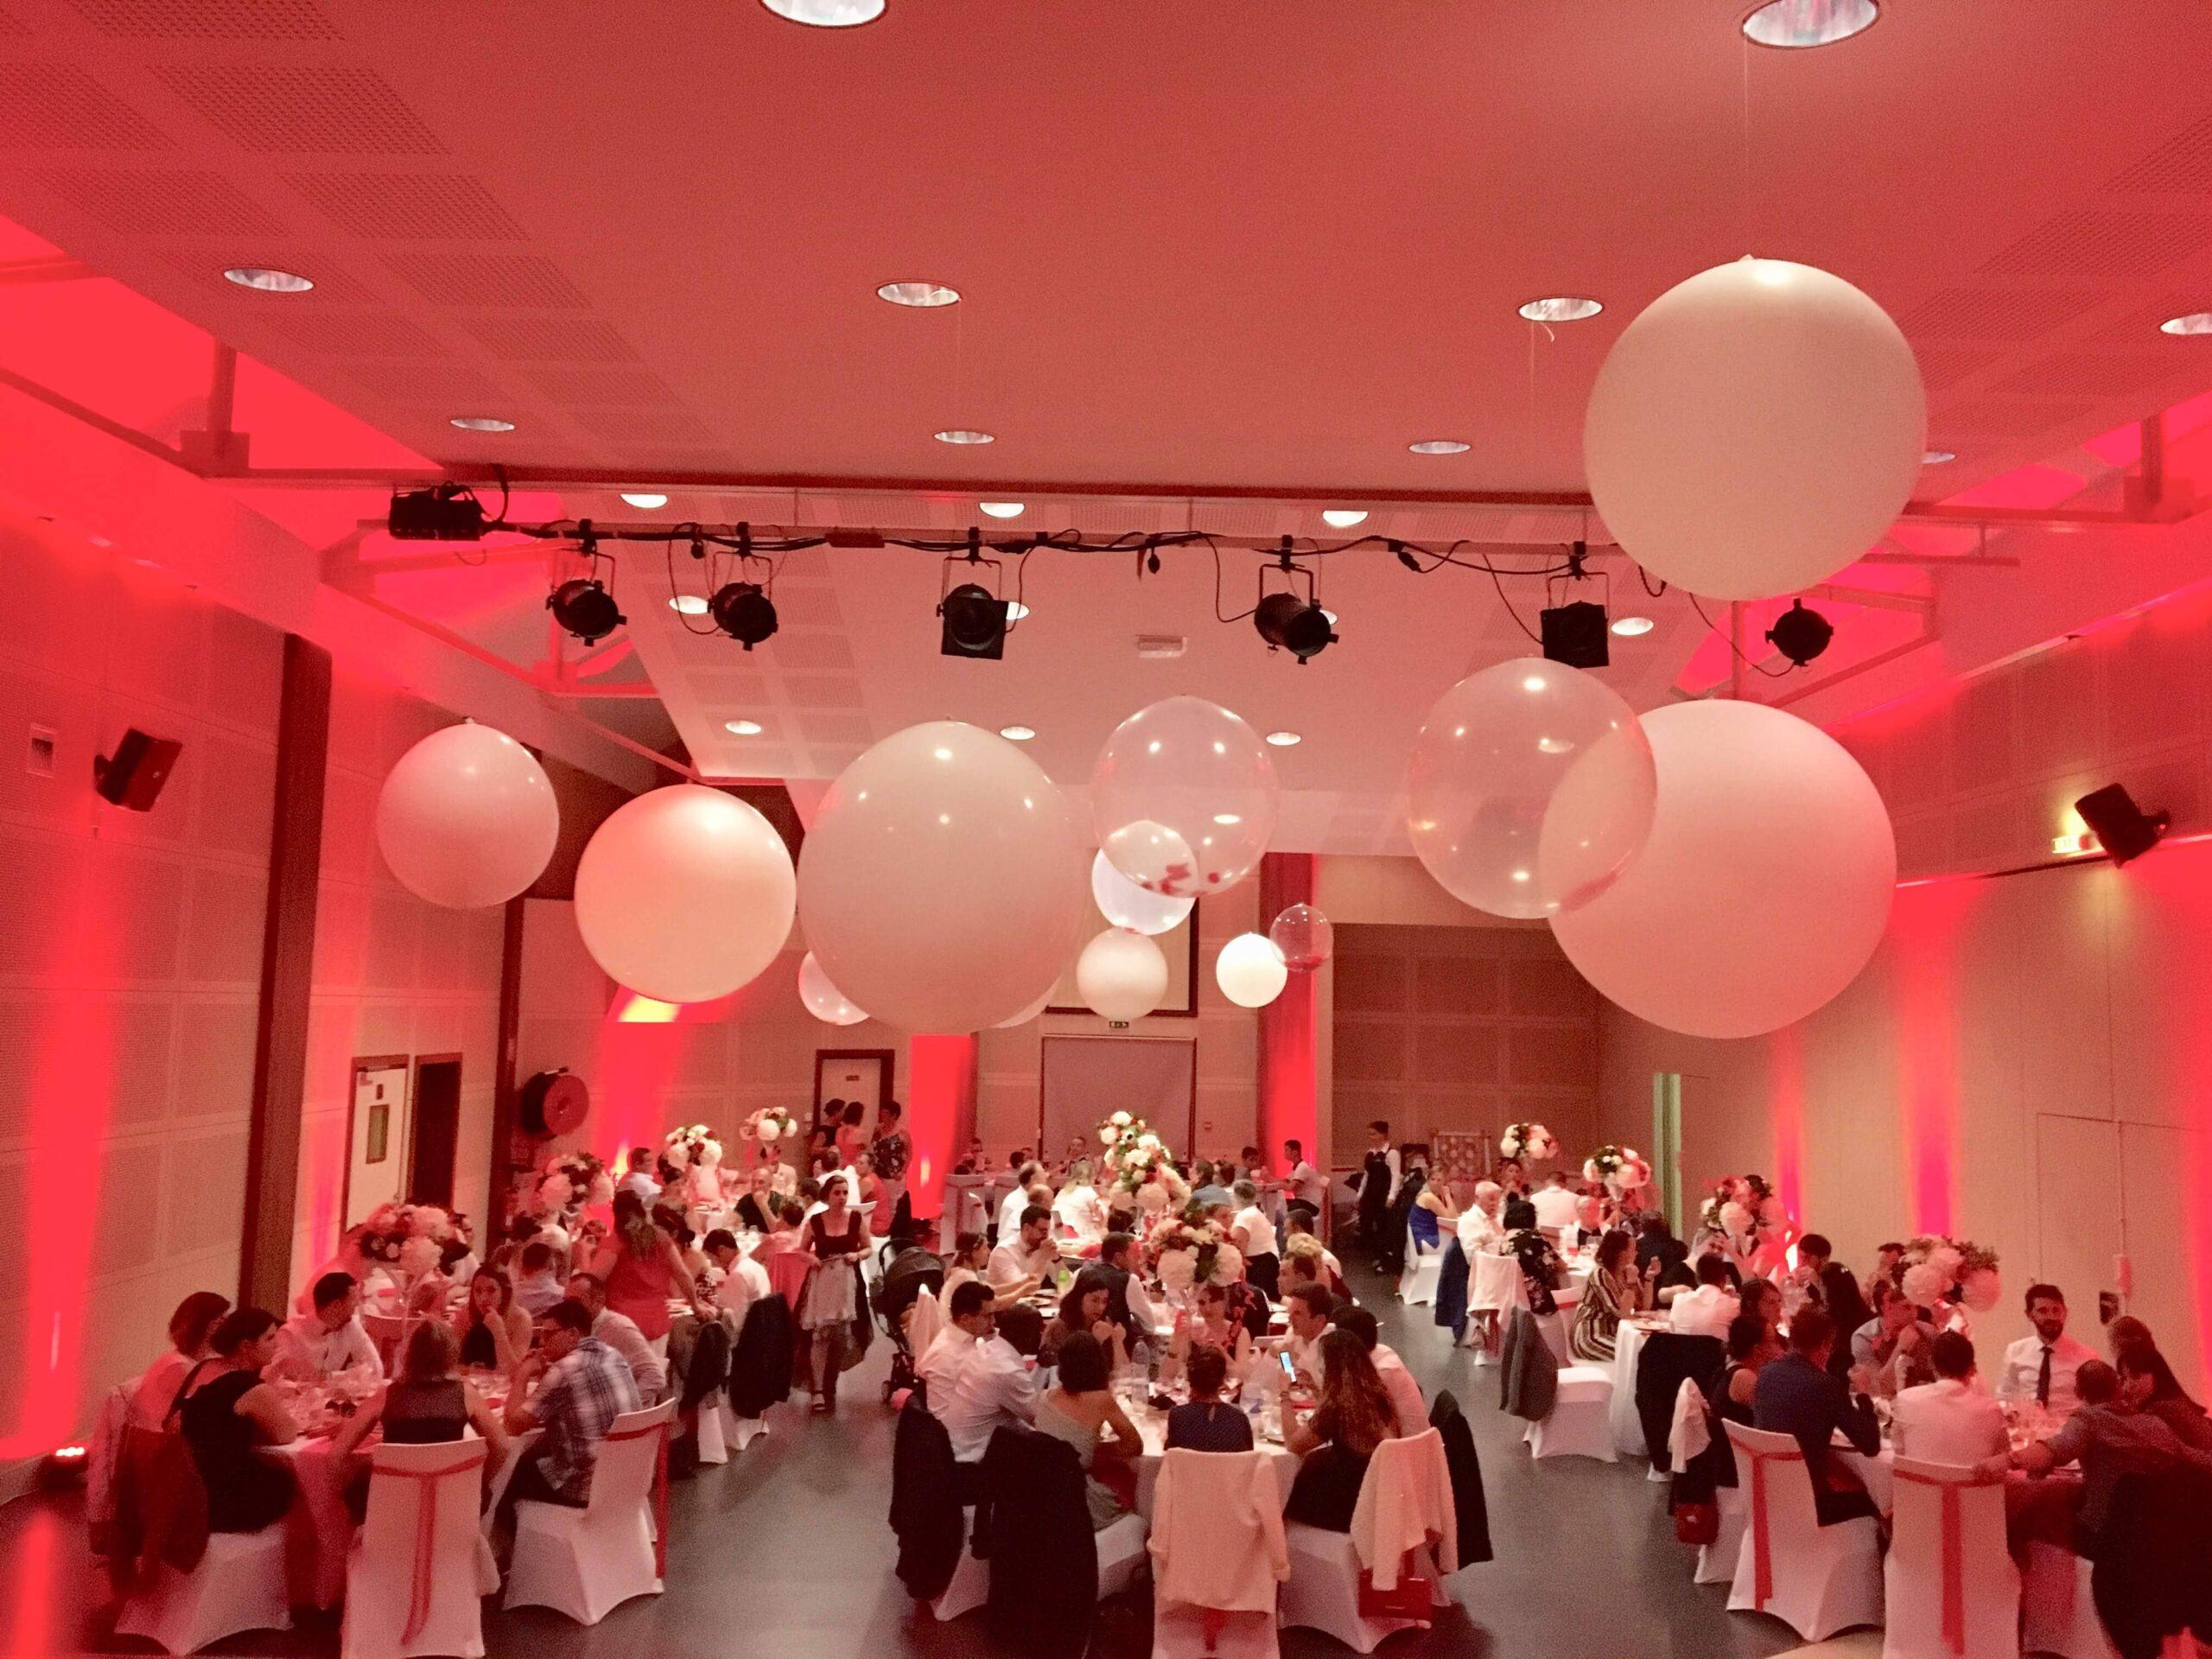 Salle des fêtes de Schirrhein - 67 - Bas-Rhin